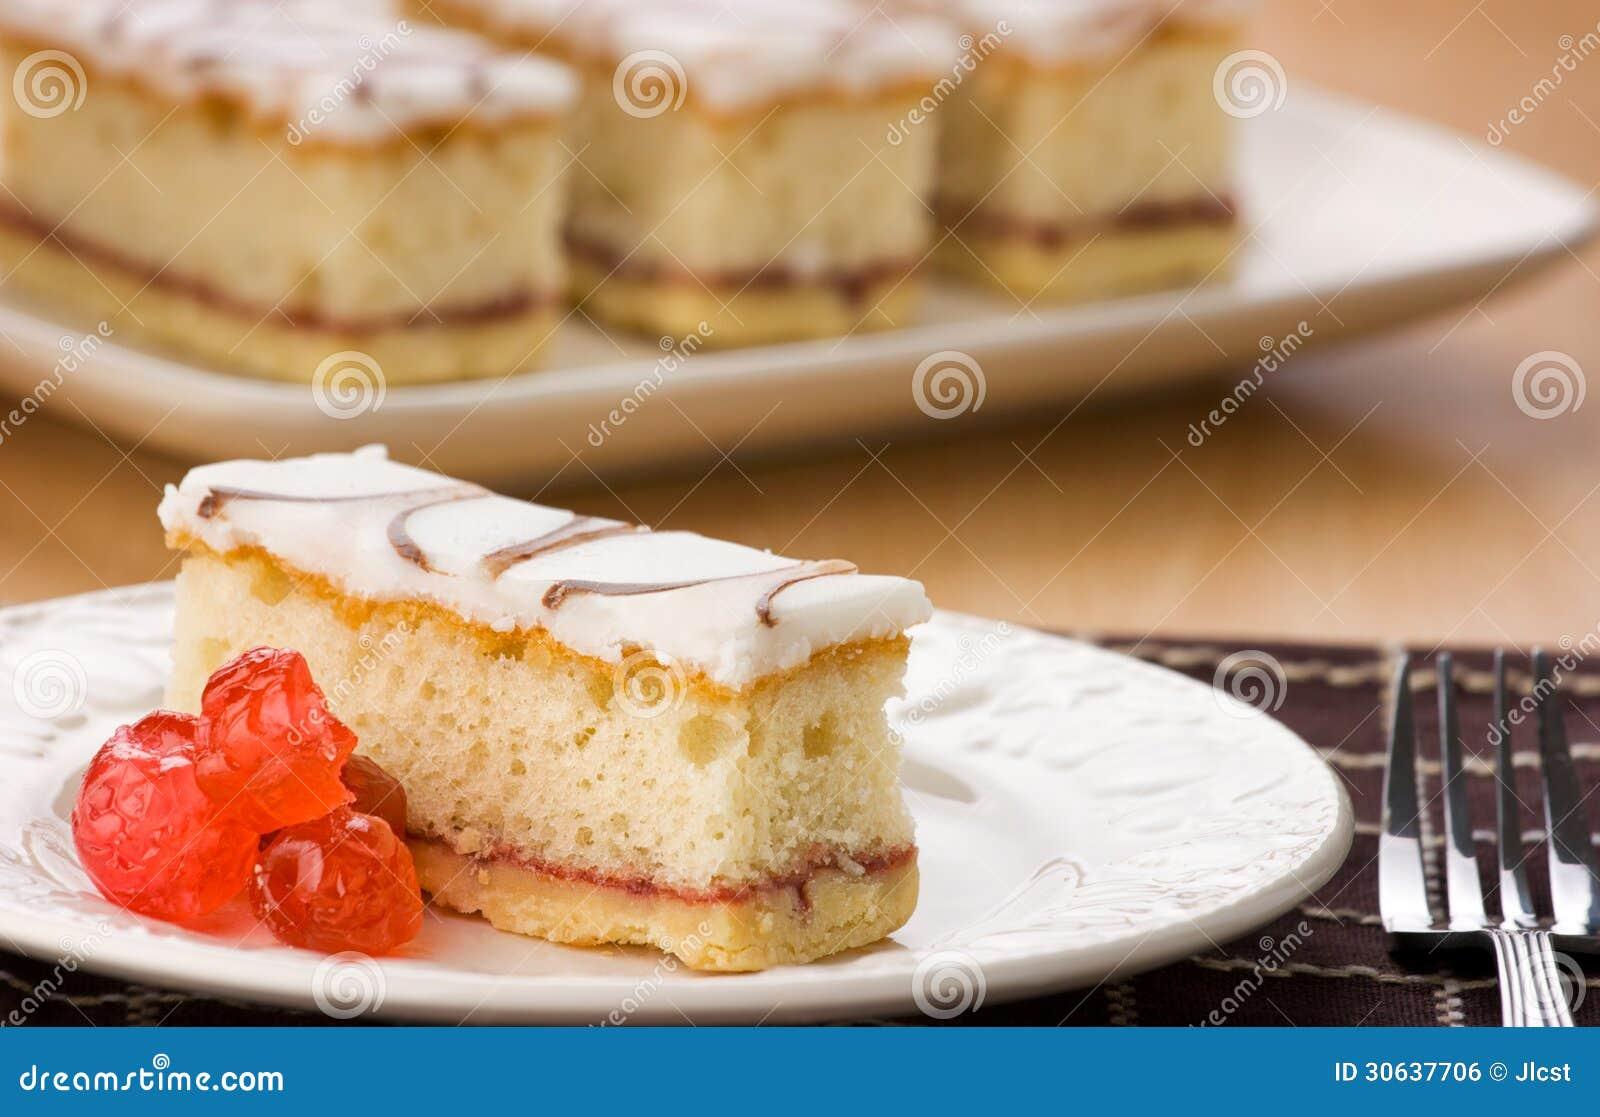 Cake Eggs White Glazed